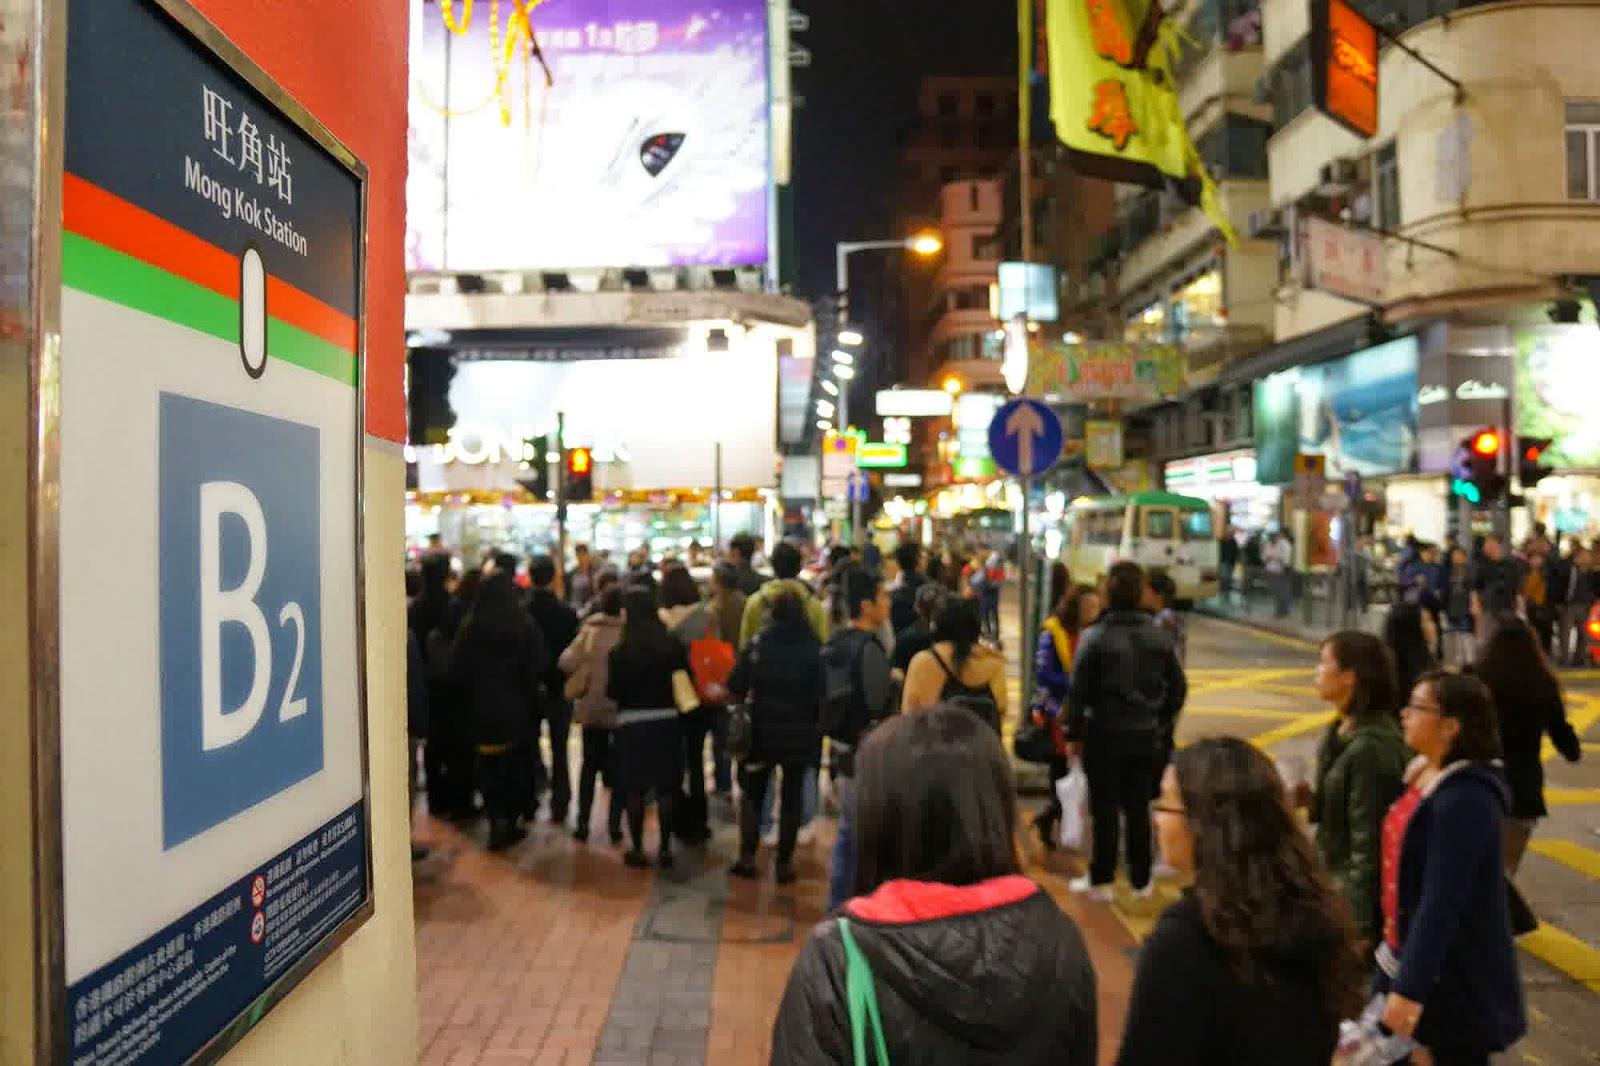 Exit B2, Mong Kok Station